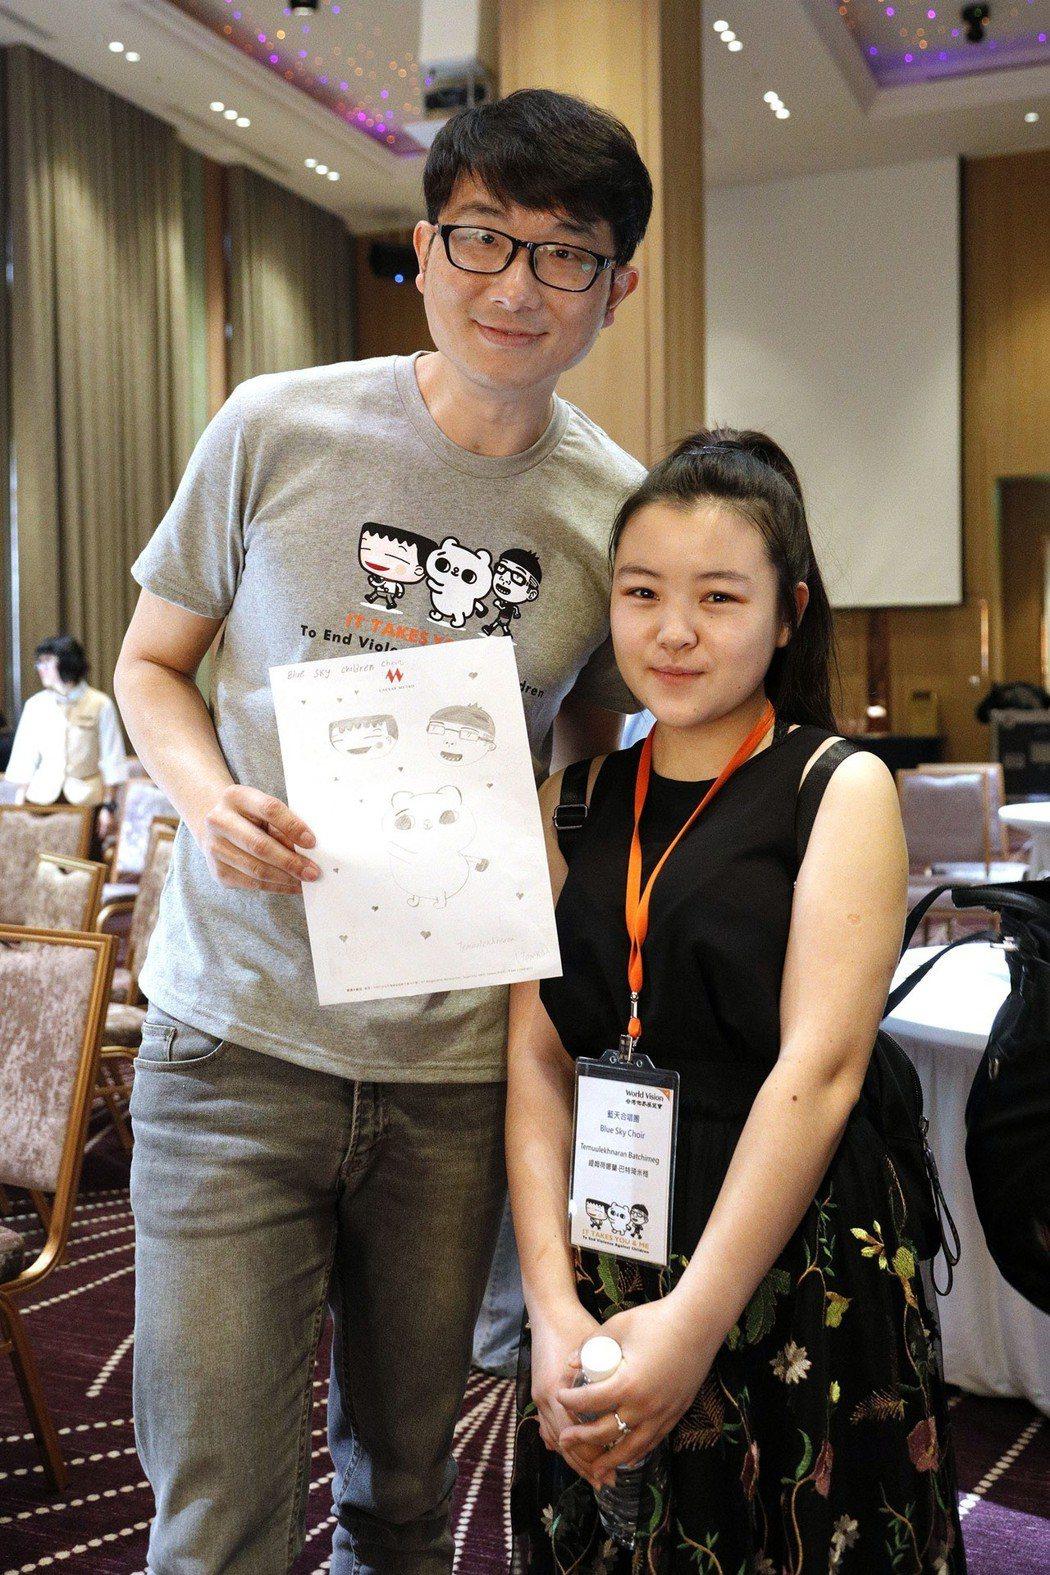 插畫家我是馬克與來自蒙古「燈塔之家」的孩子開心合影。 圖/台灣世界展望會提供